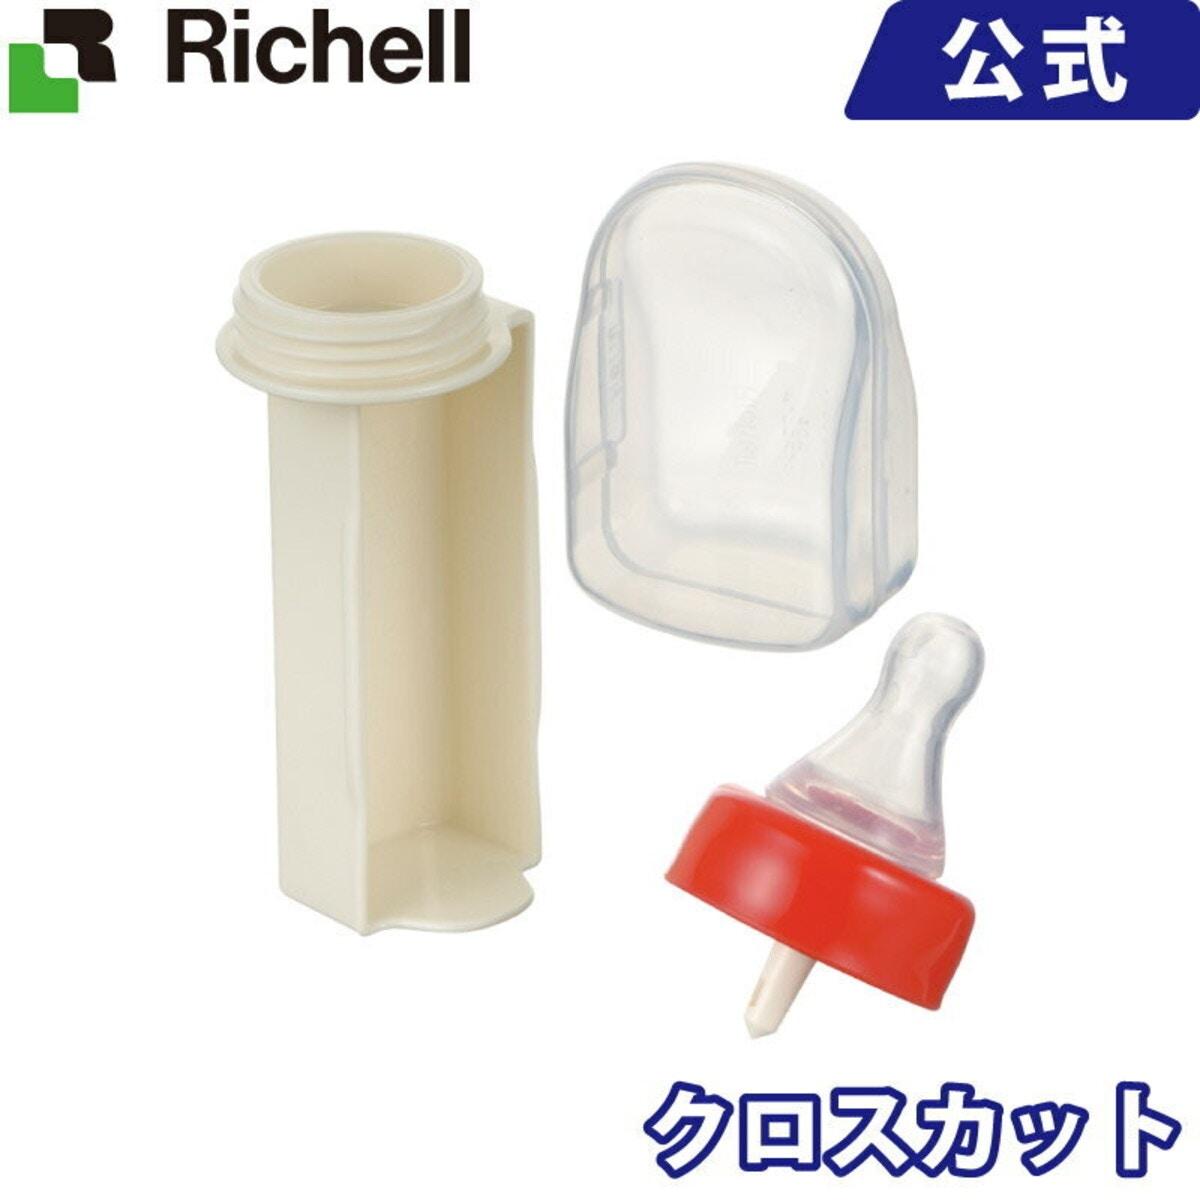 リッチェル おでかけランチくん「液体ミルク用乳首」